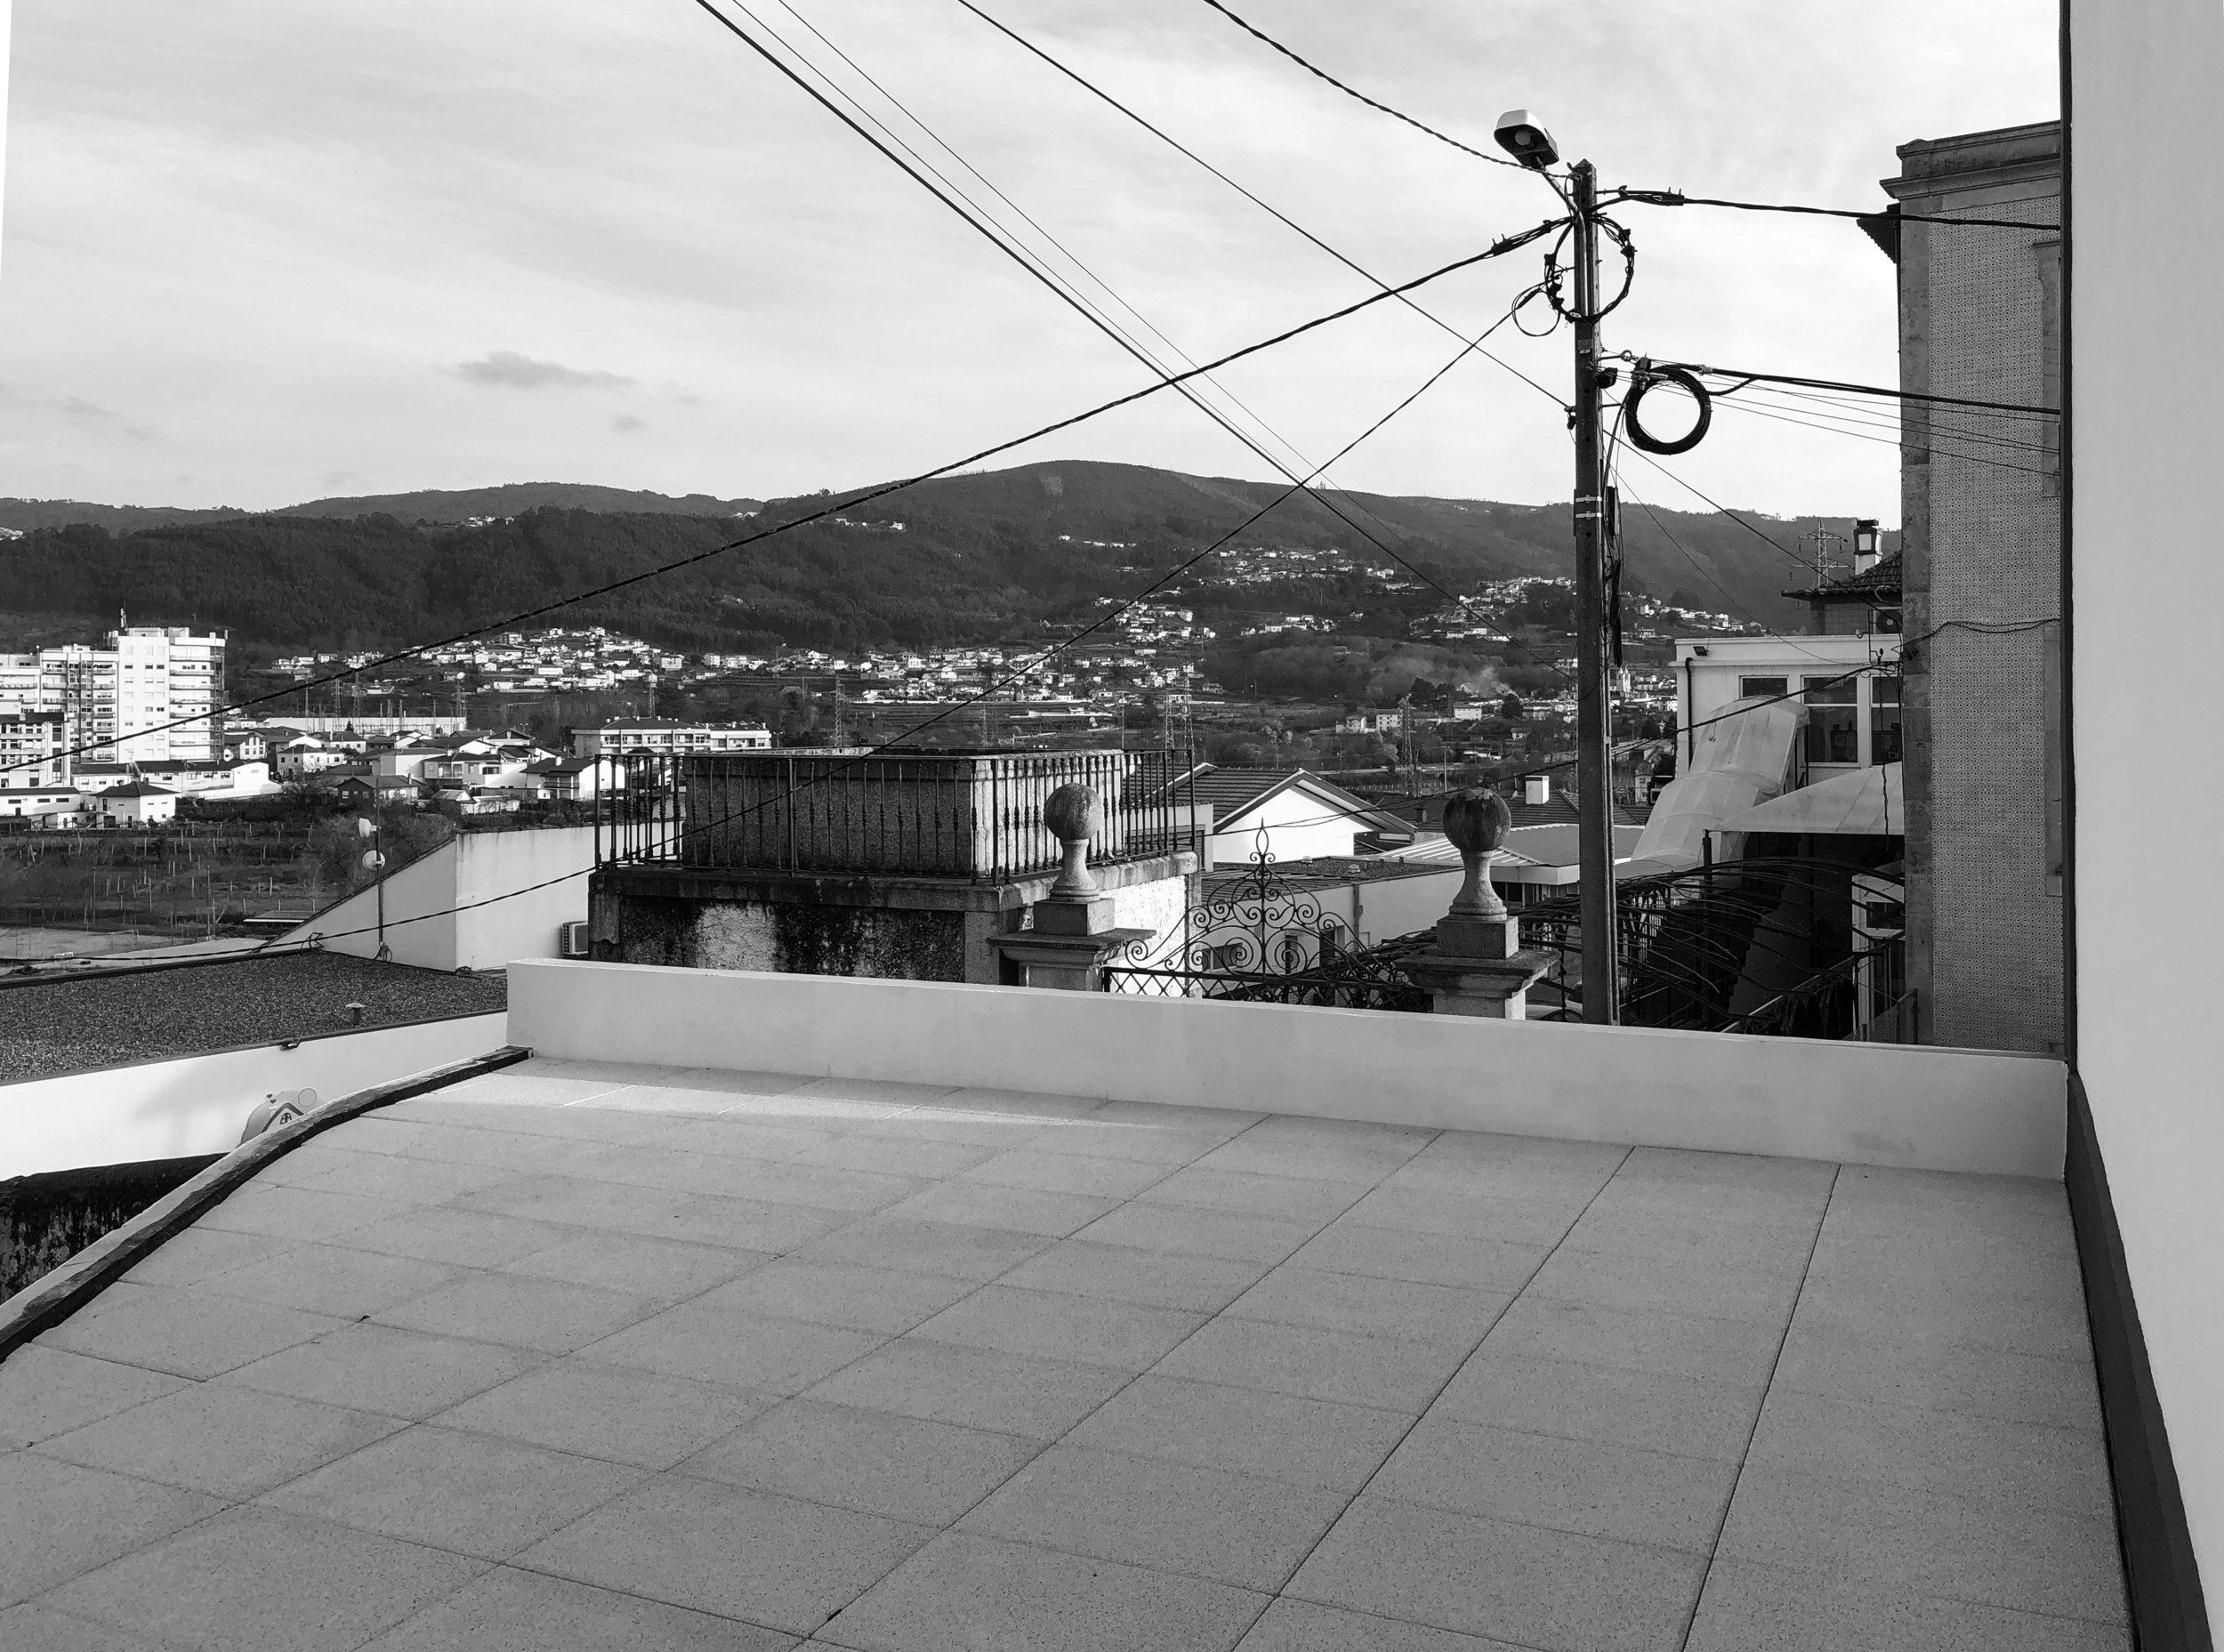 Moradia Coelhosa - EVA evolutionary architecture - remodelação - reconstrução - arquitectura - vale de cambra (7).jpg